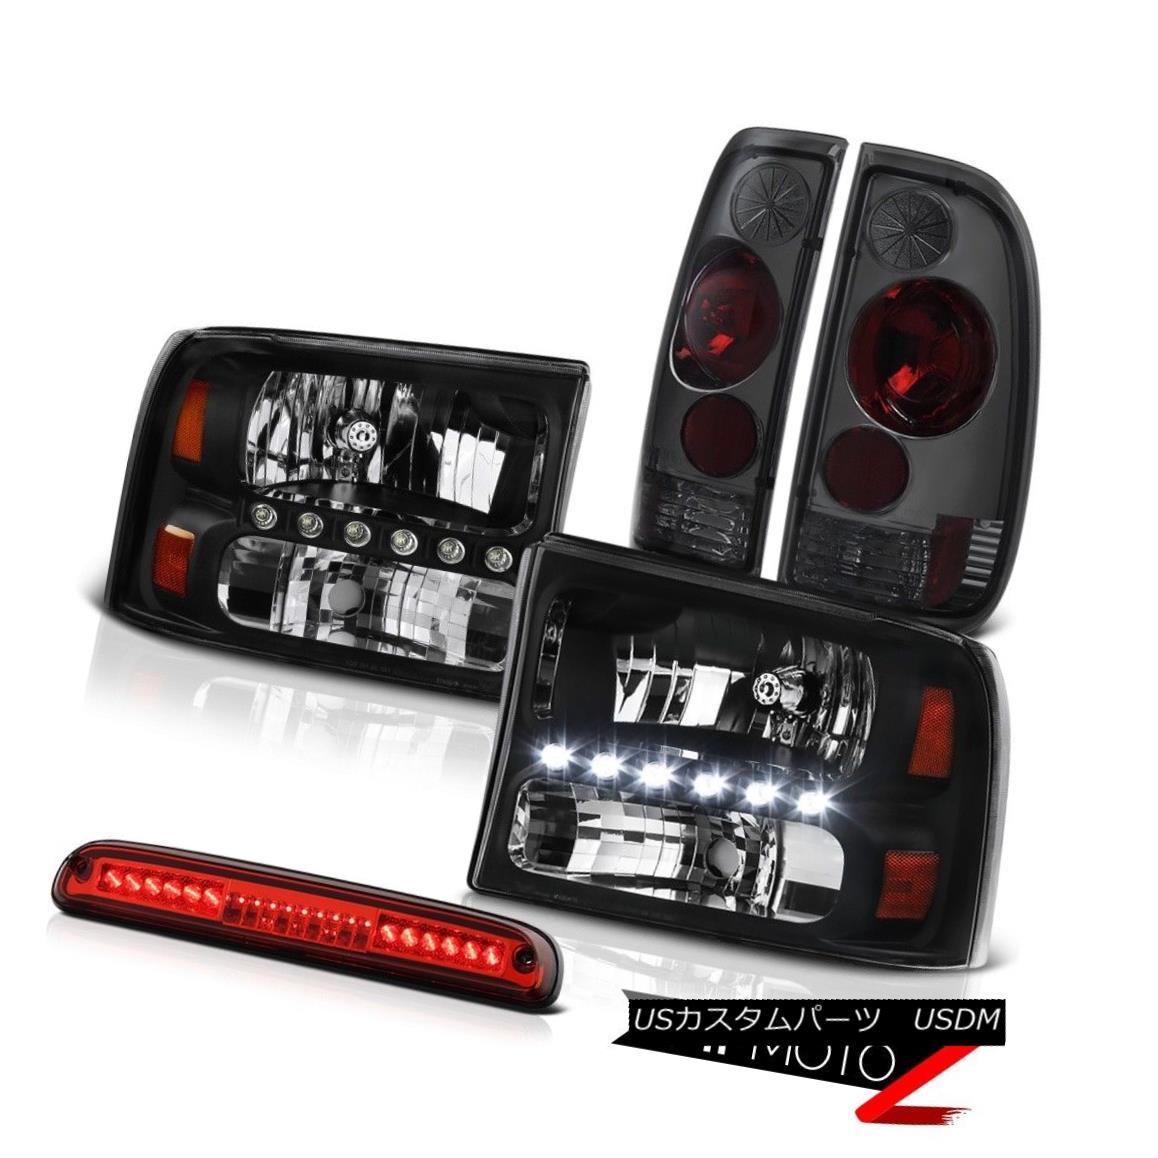 ヘッドライト 99-04 Ford F350 SD L+R Black Headlights Rear Tail Light Wine Red Third Brake LED 99-04 Ford F350 SD L + Rブラックヘッドライトリアテールライトワインレッド第3ブレーキLED